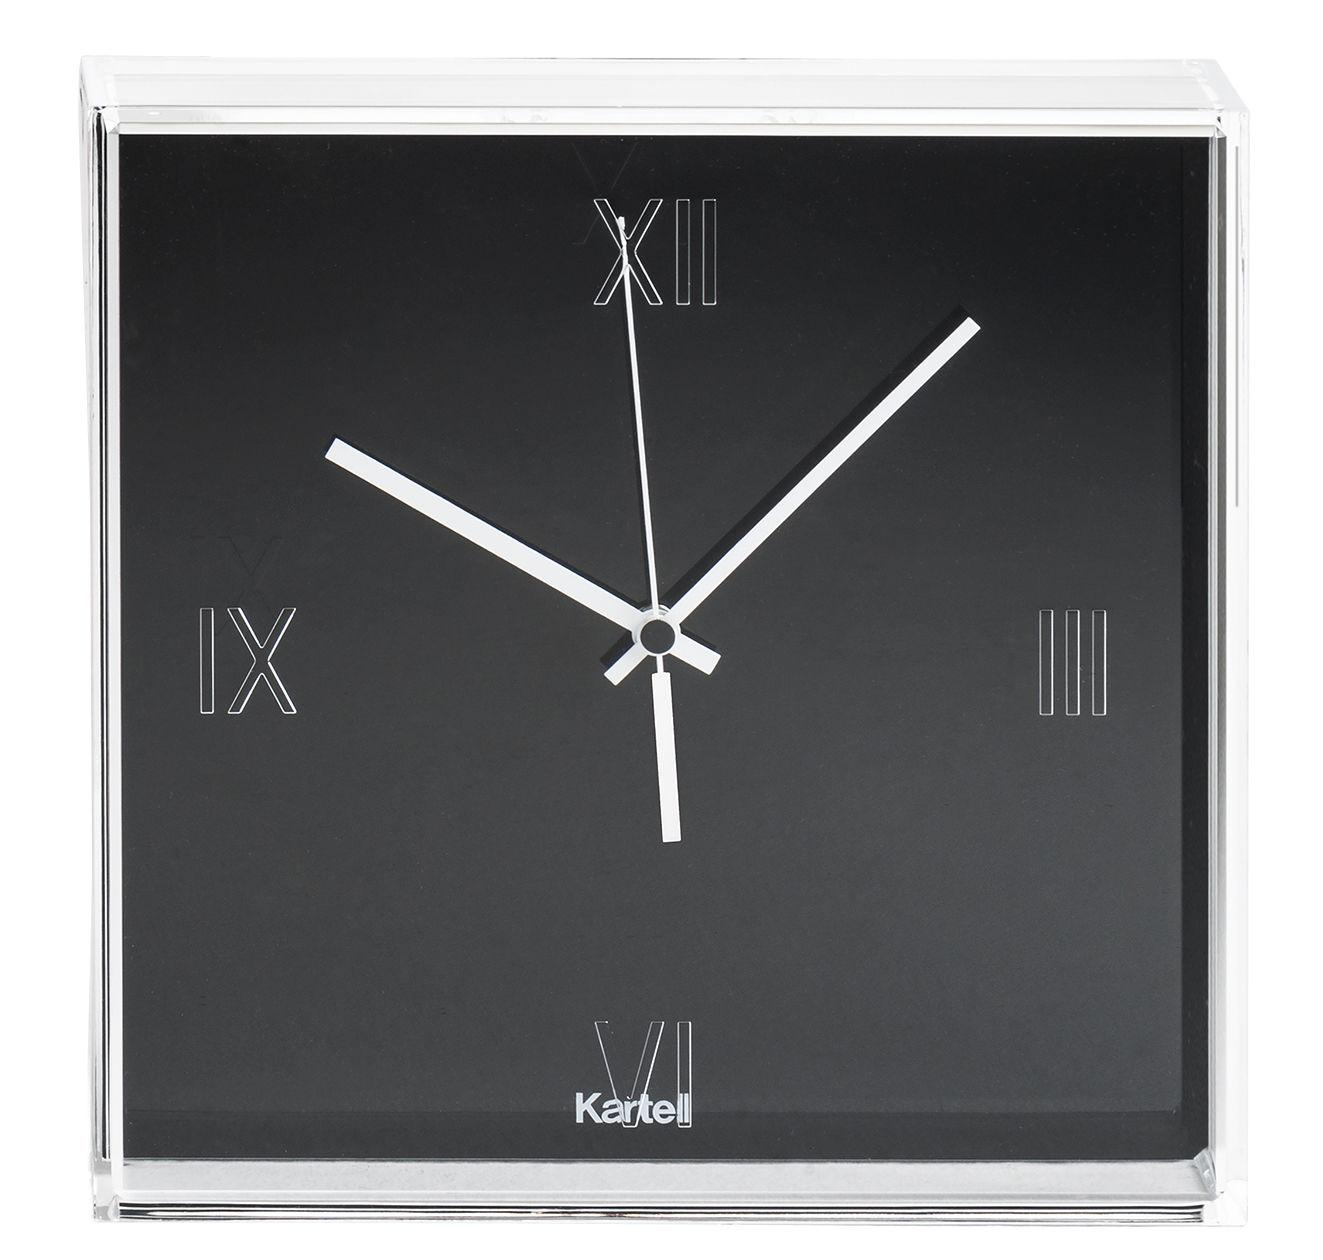 Interni - Orologi  - Orologio murale Tic & Tac di Kartell - Quadrante nero opaco - ABS, PMMA